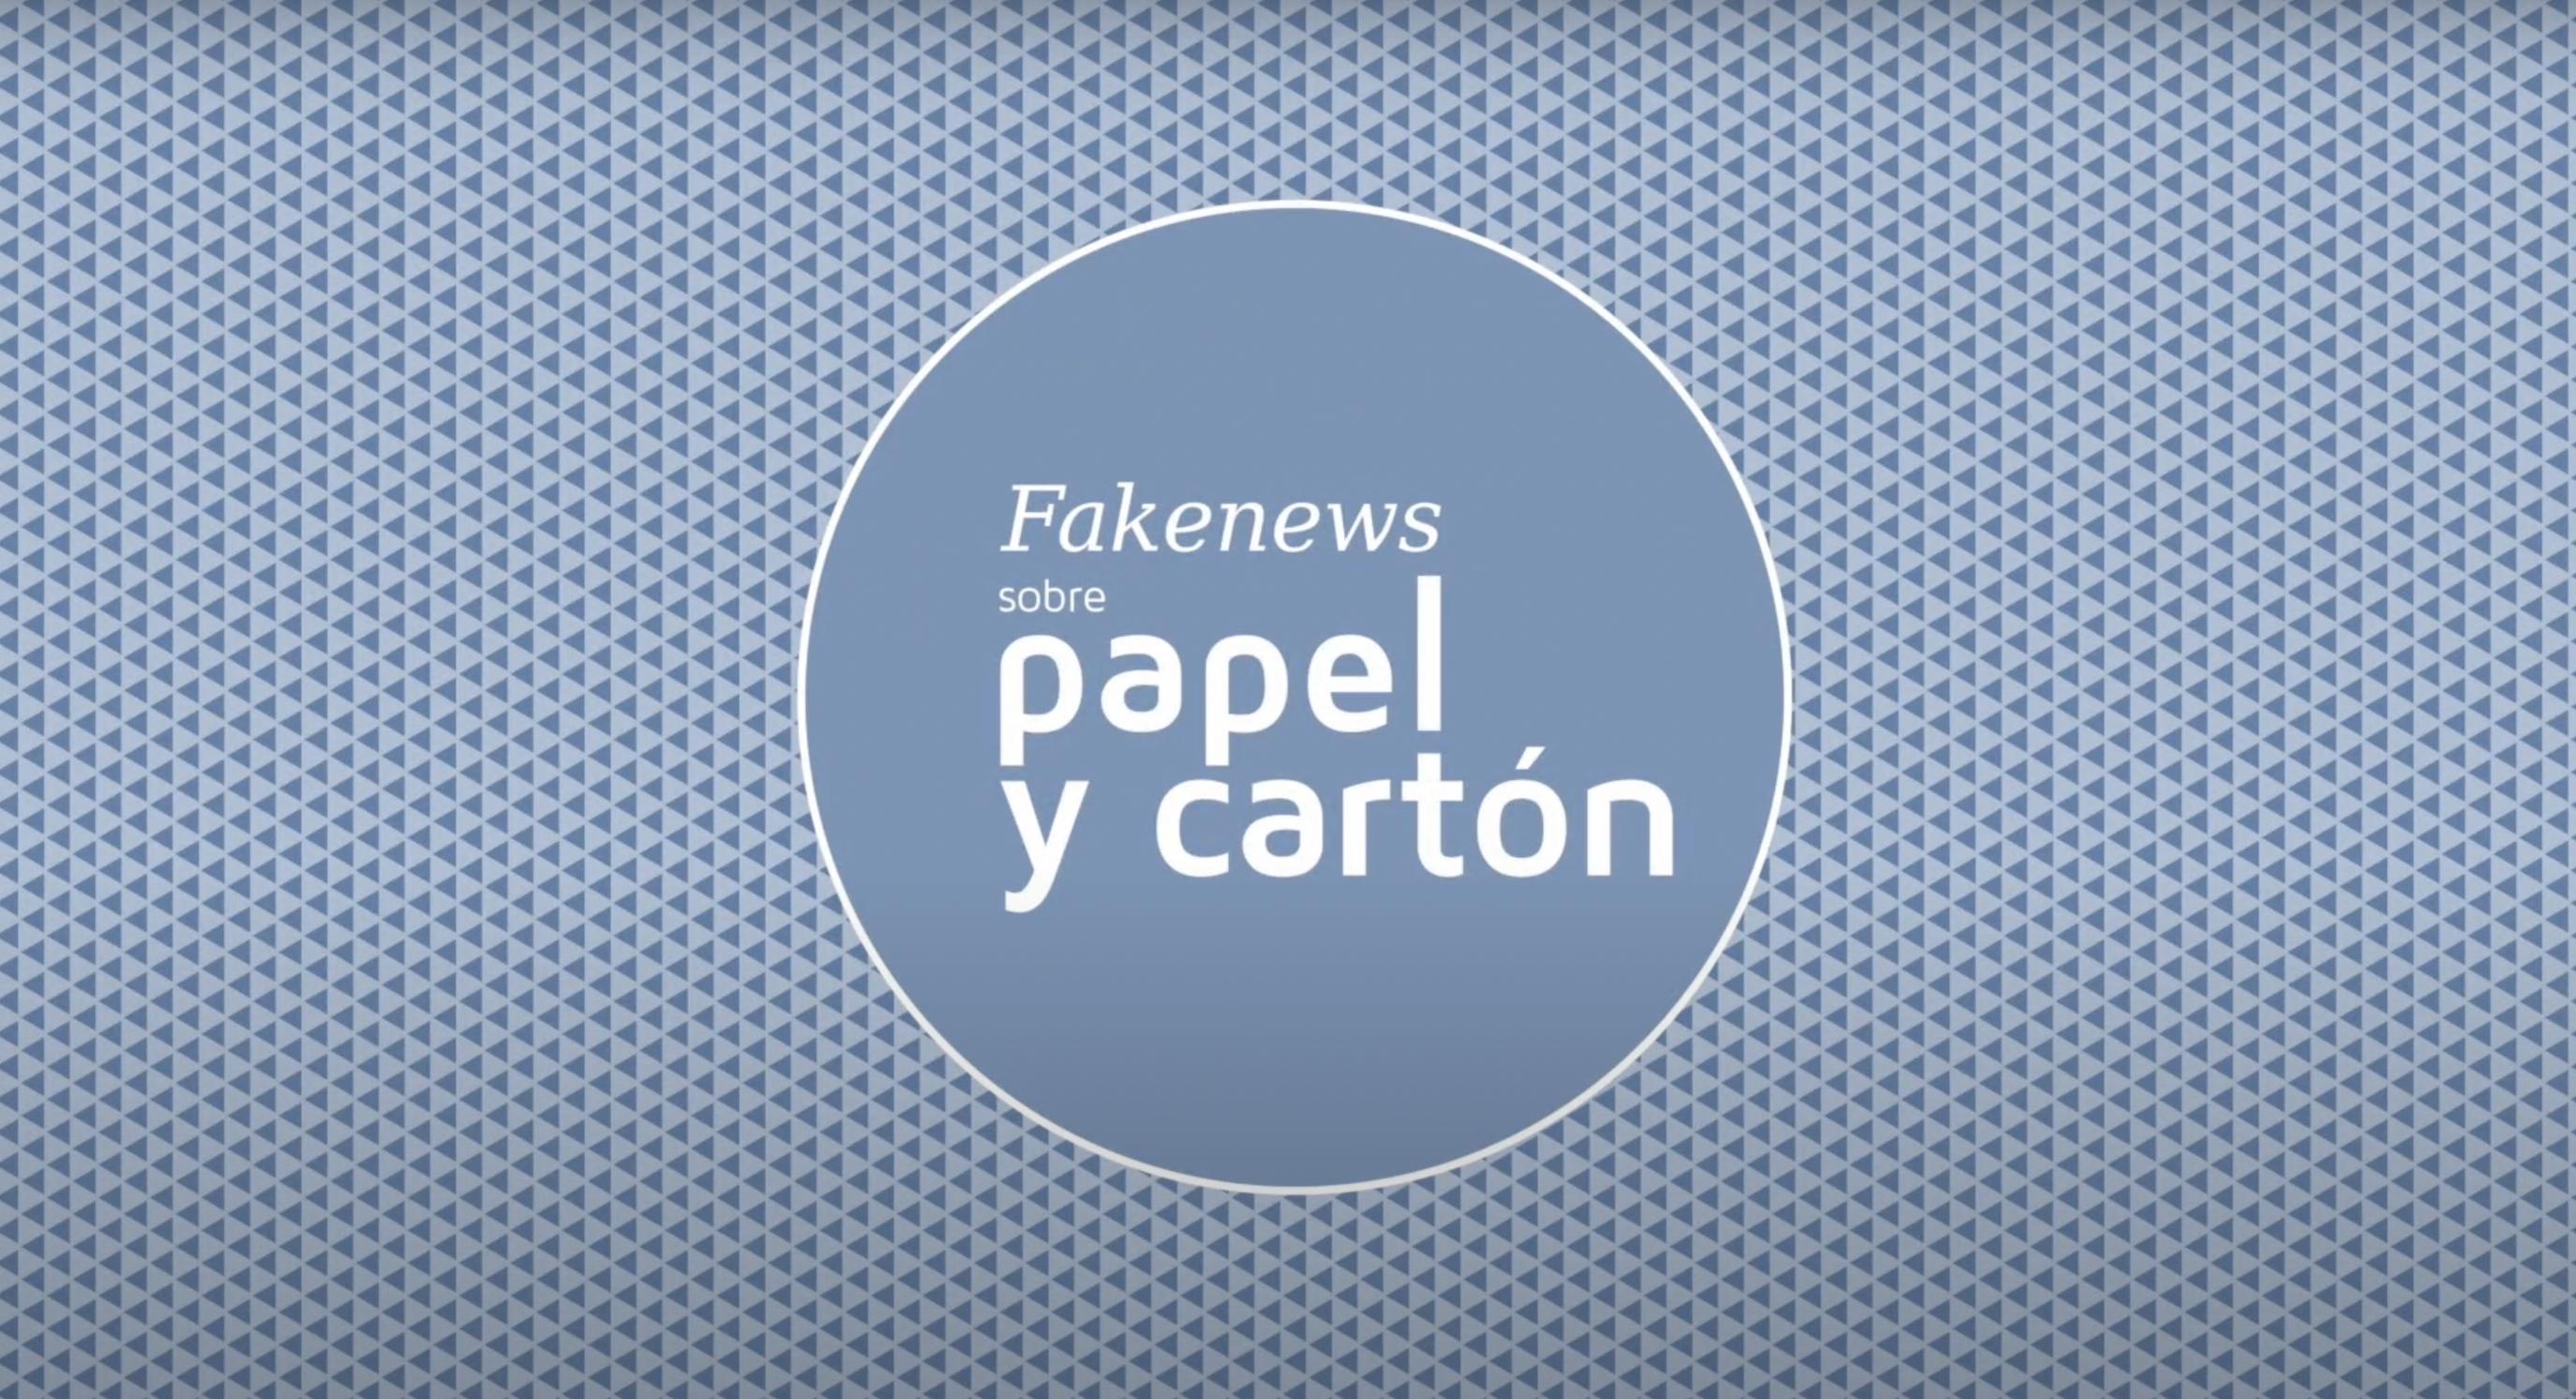 Fakenews sobre el papel y cartón